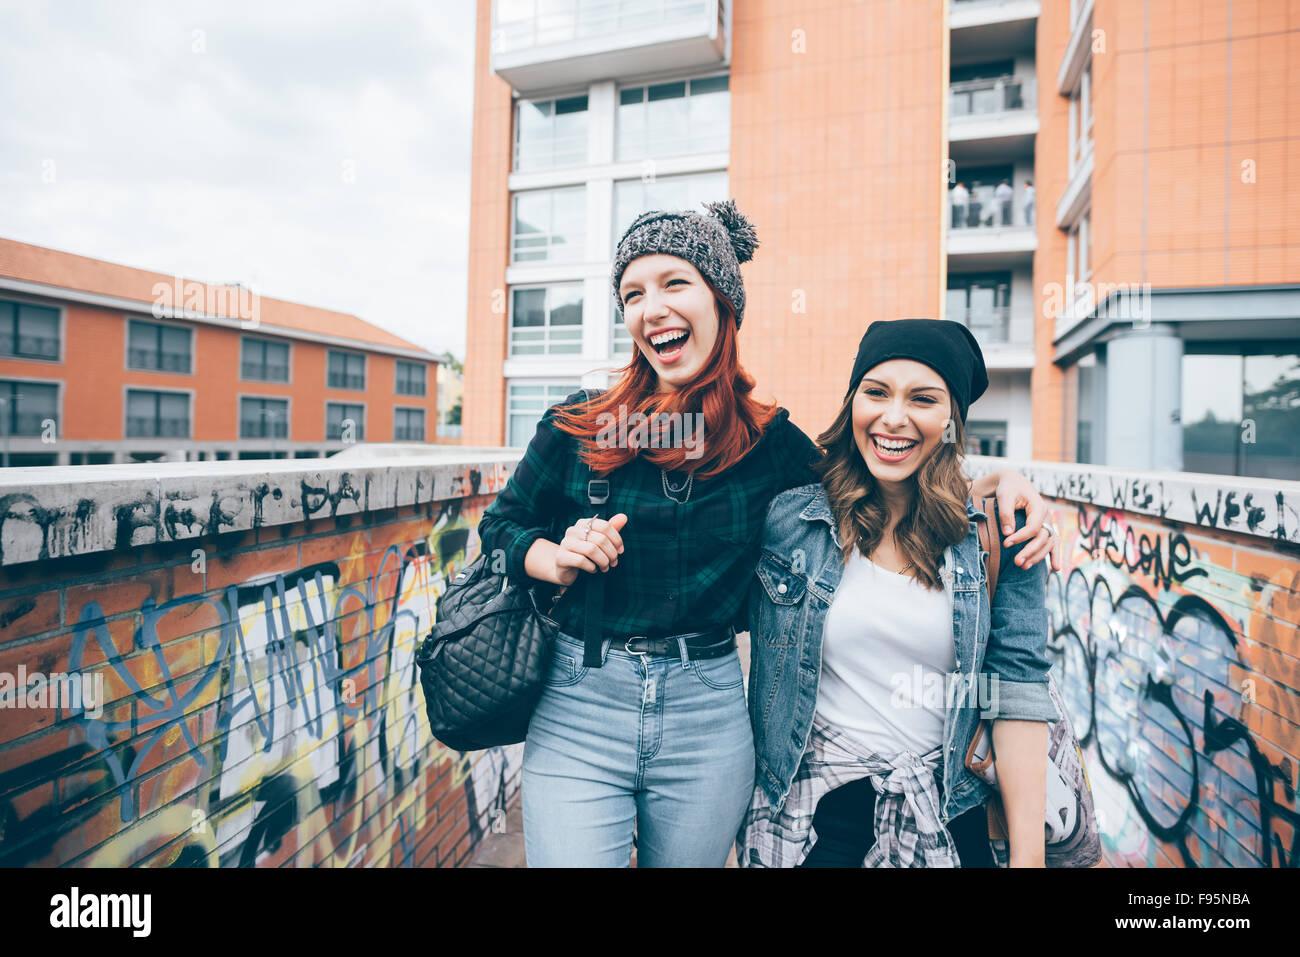 Knie Abbildung zweier junger hübscher kaukasischen Blonde und Rothaarige glattes Haar Frauen umarmen in der Stockbild